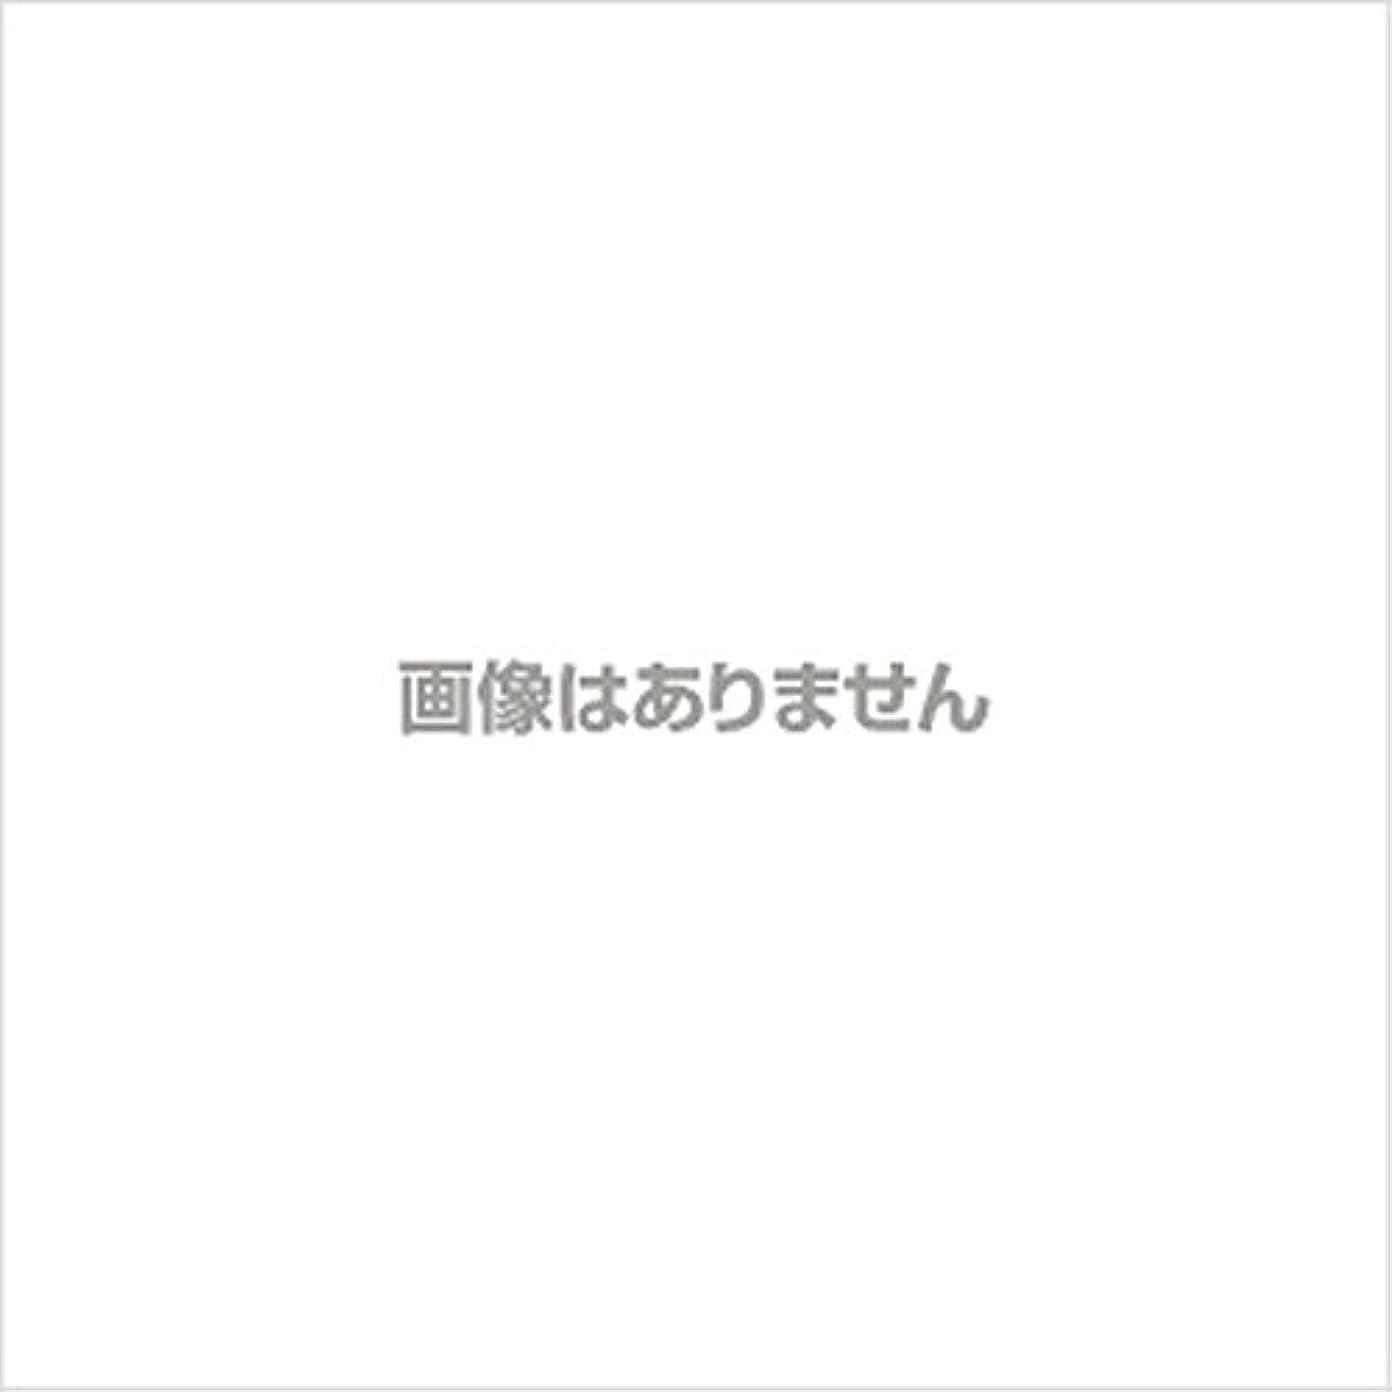 音節回答規範新発売】EBUKEA エブケアNO1004 プラスチックグローブ(パウダーフリー?粉なし)Mサイズ 100枚入(極薄?半透明)